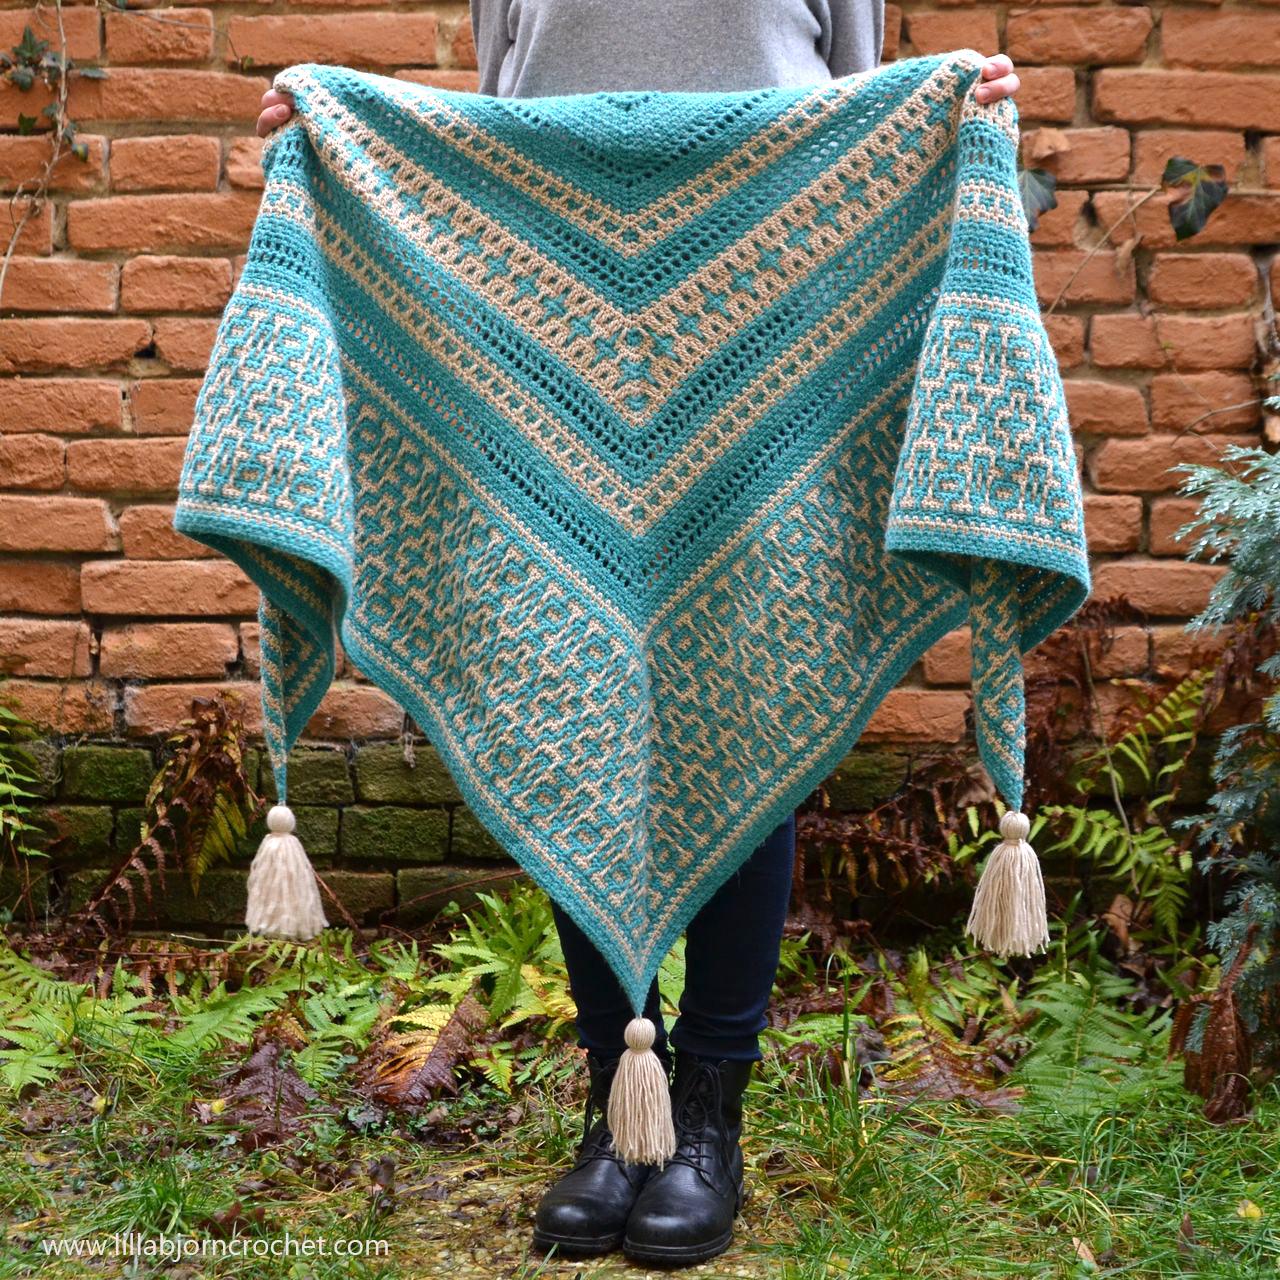 New Pattern: Amaya Mosaic Shawl | LillaBjrn's Crochet World